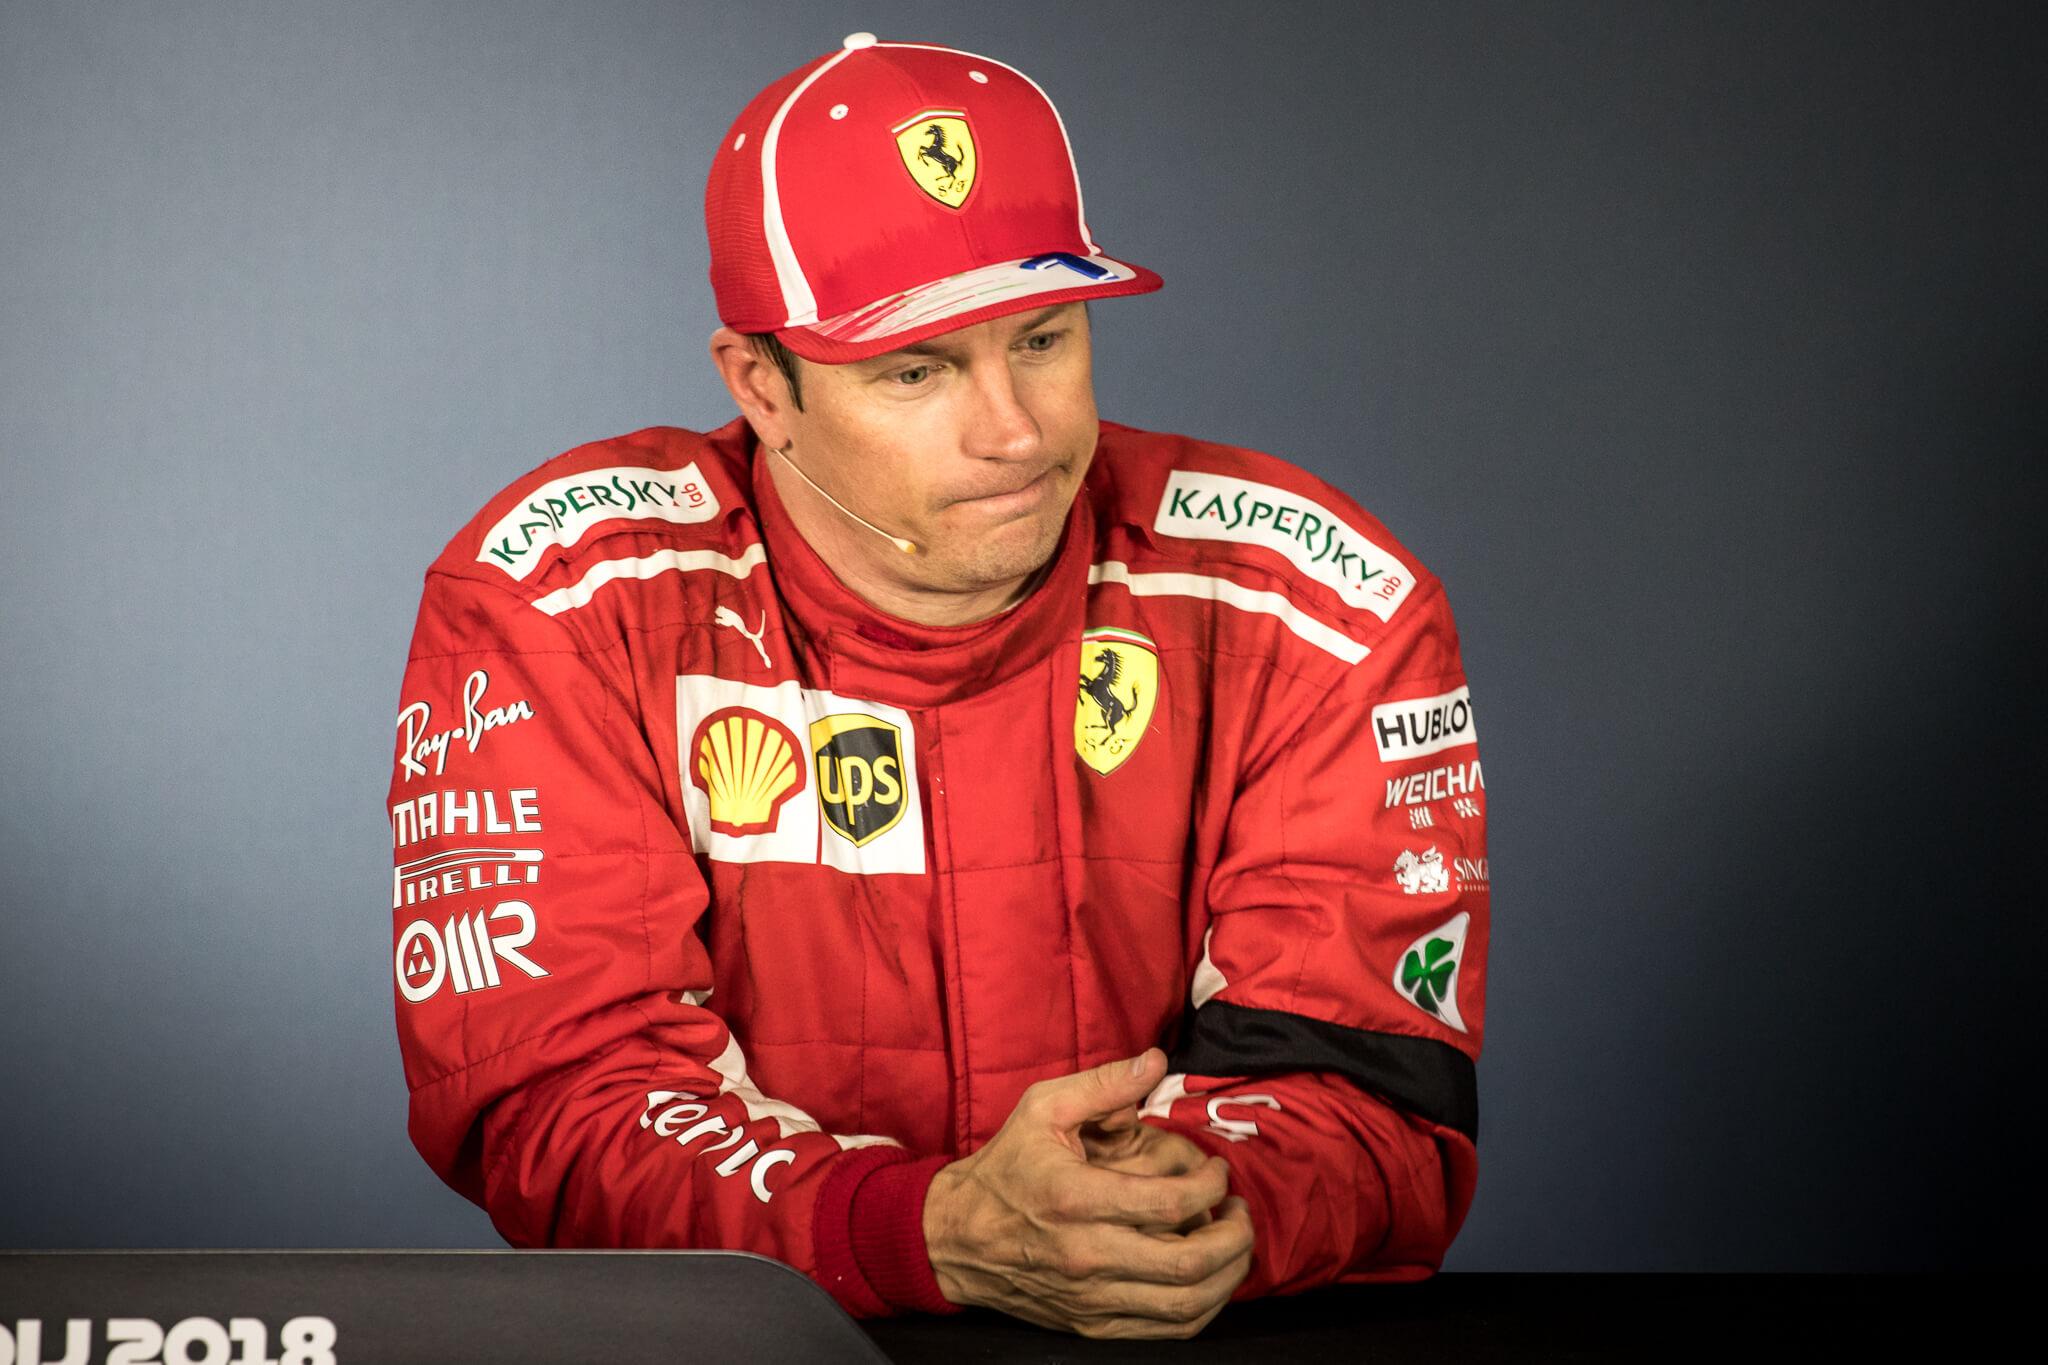 Aláírásgyűjtésbe kezdtek a rajongók Räikkönen maradásáért